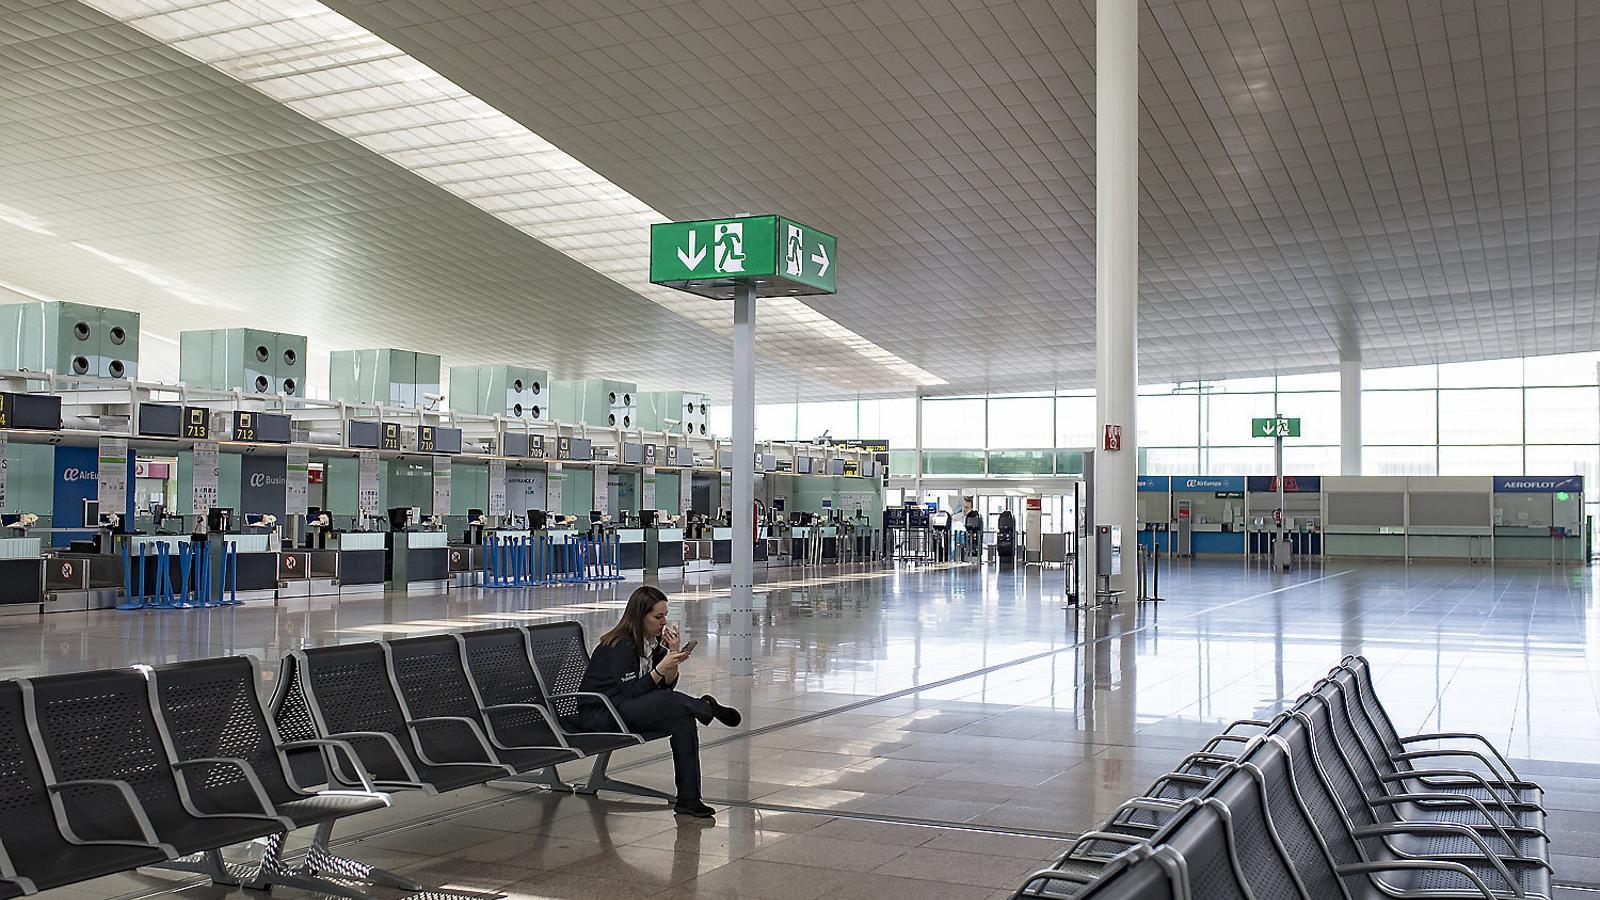 Piscina per torns, ascensors restringits i mampares: el nou turisme a la UE